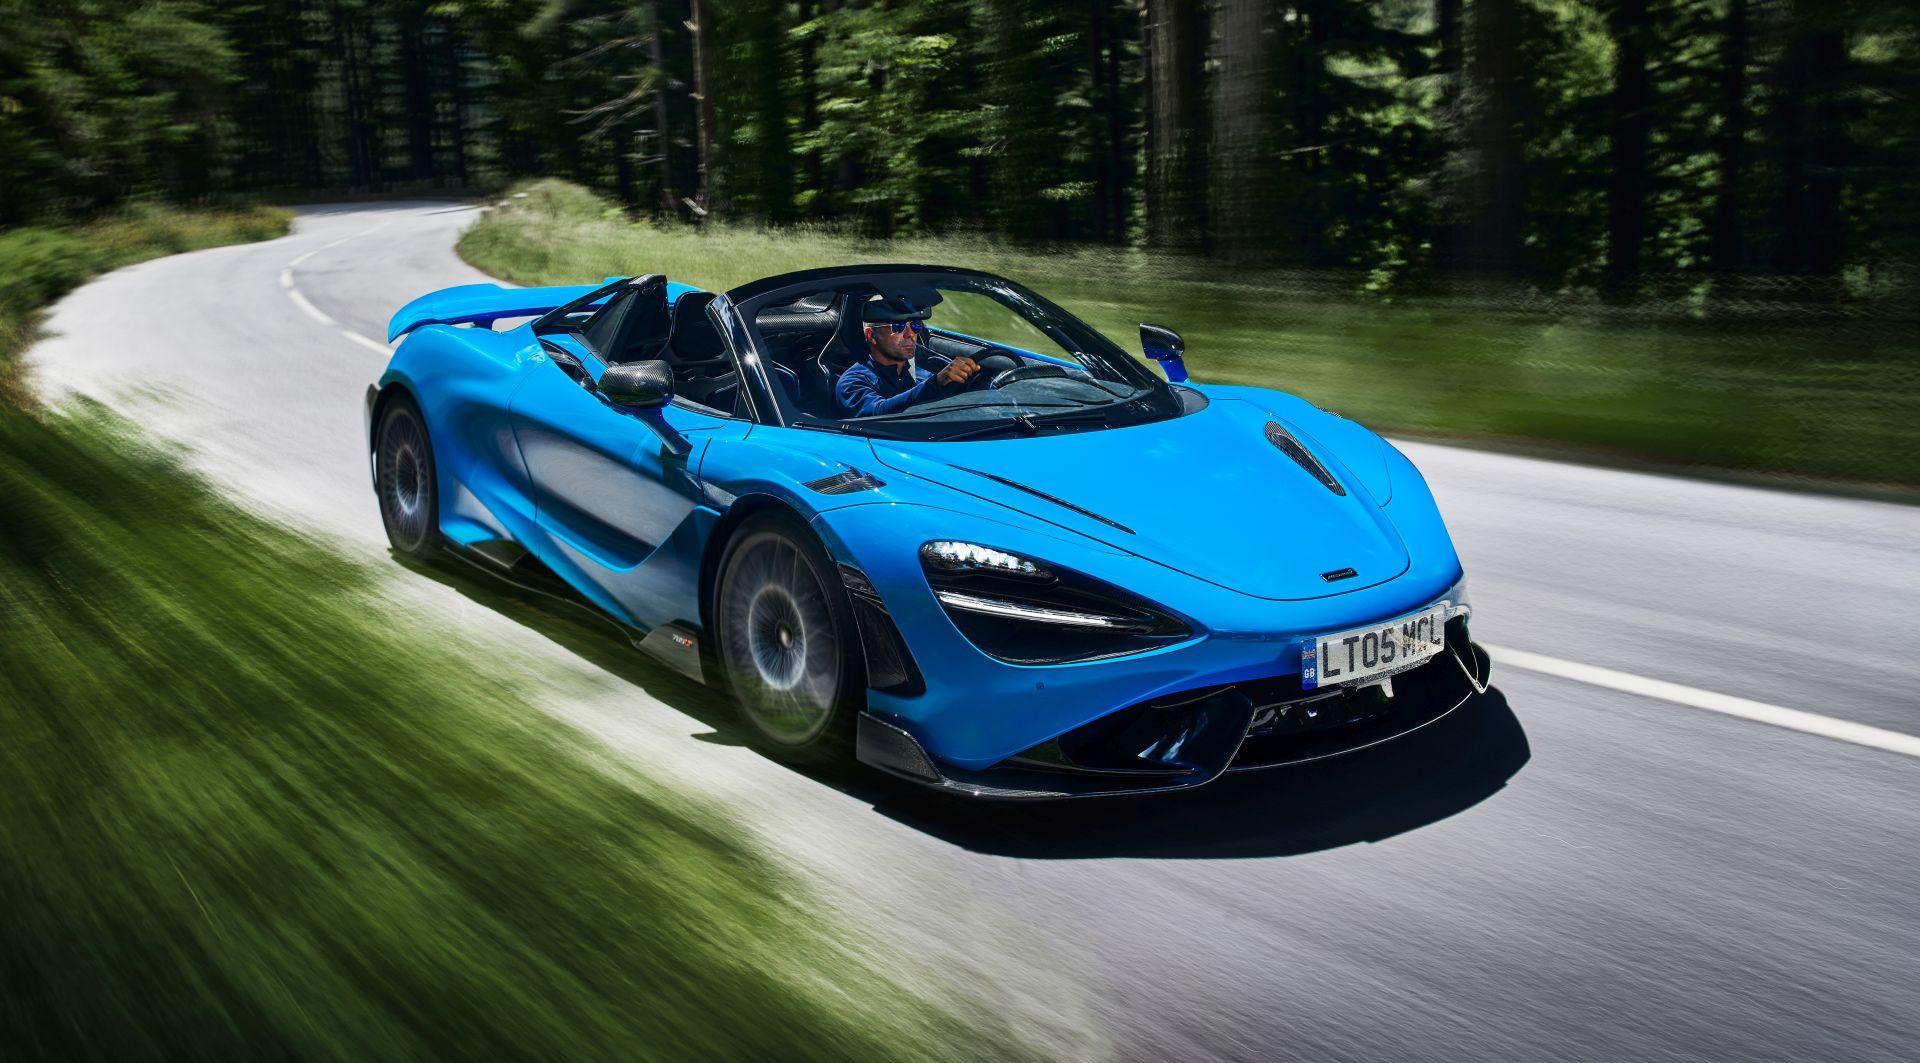 McLaren je upravo predstavio svoj najbrži kabriolet: 765LT Spider